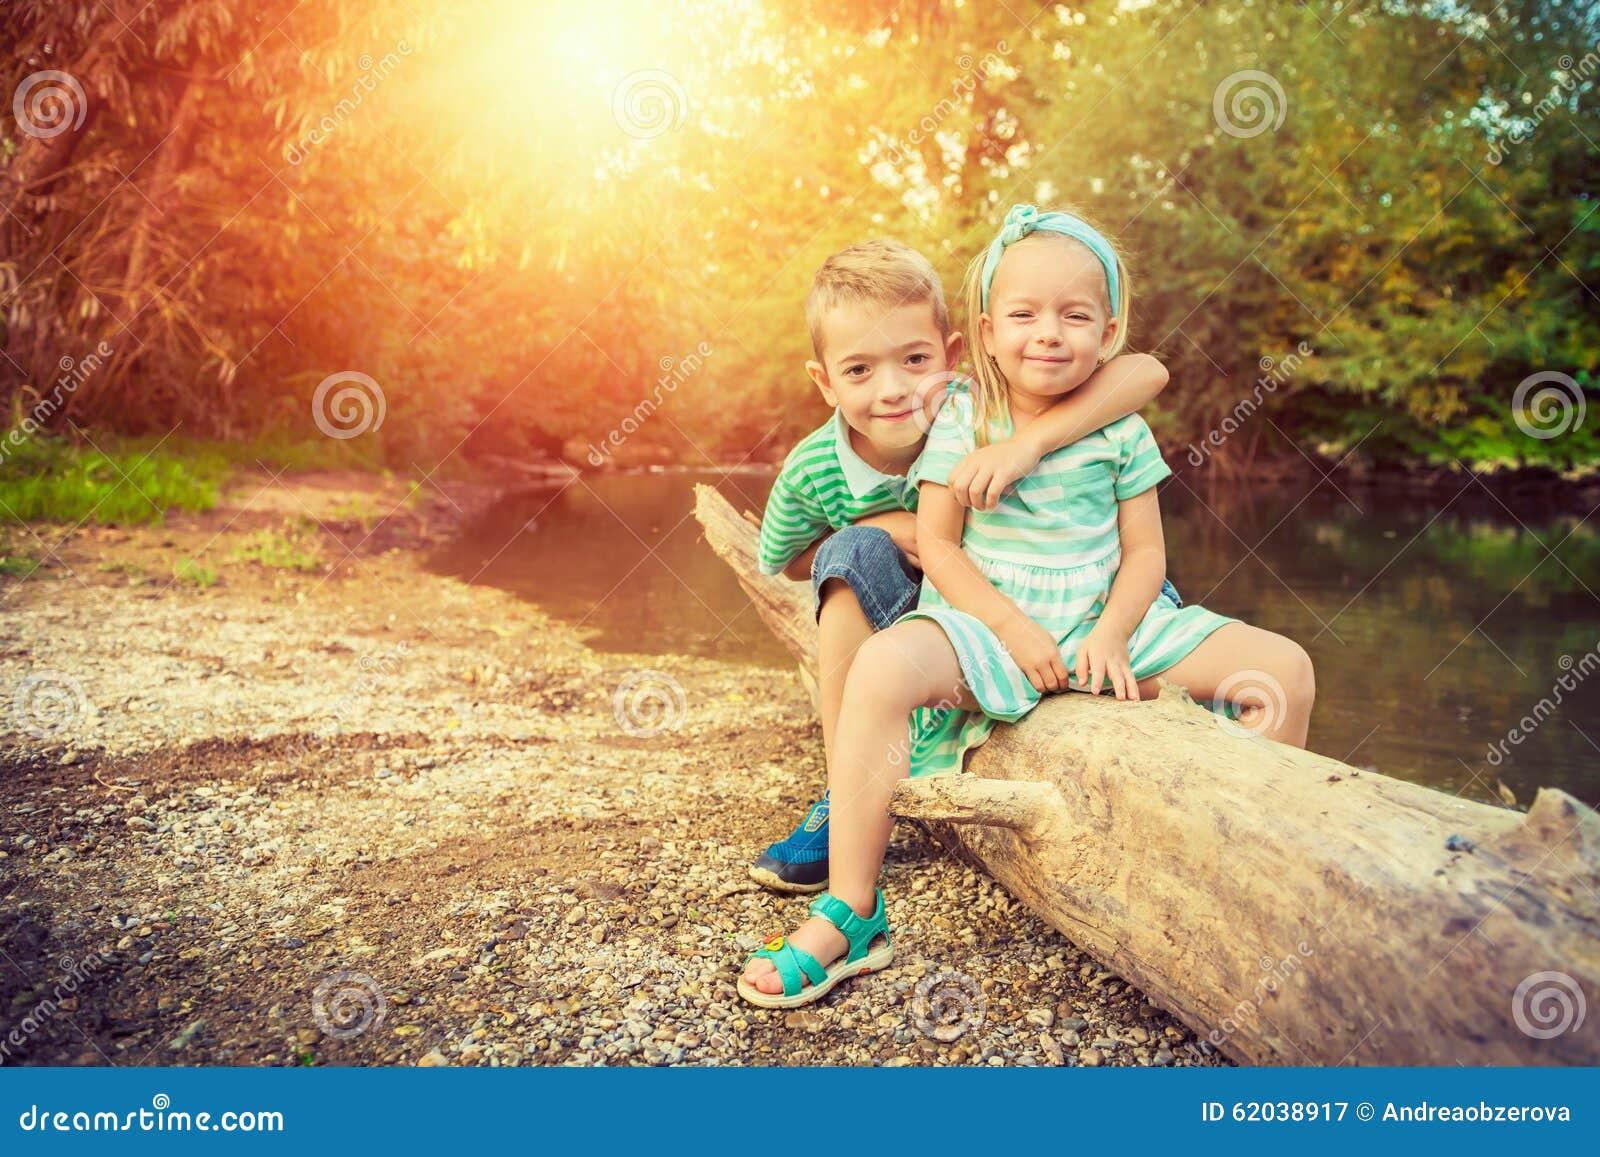 Enfants de mêmes parents adorables posant pour un portrait